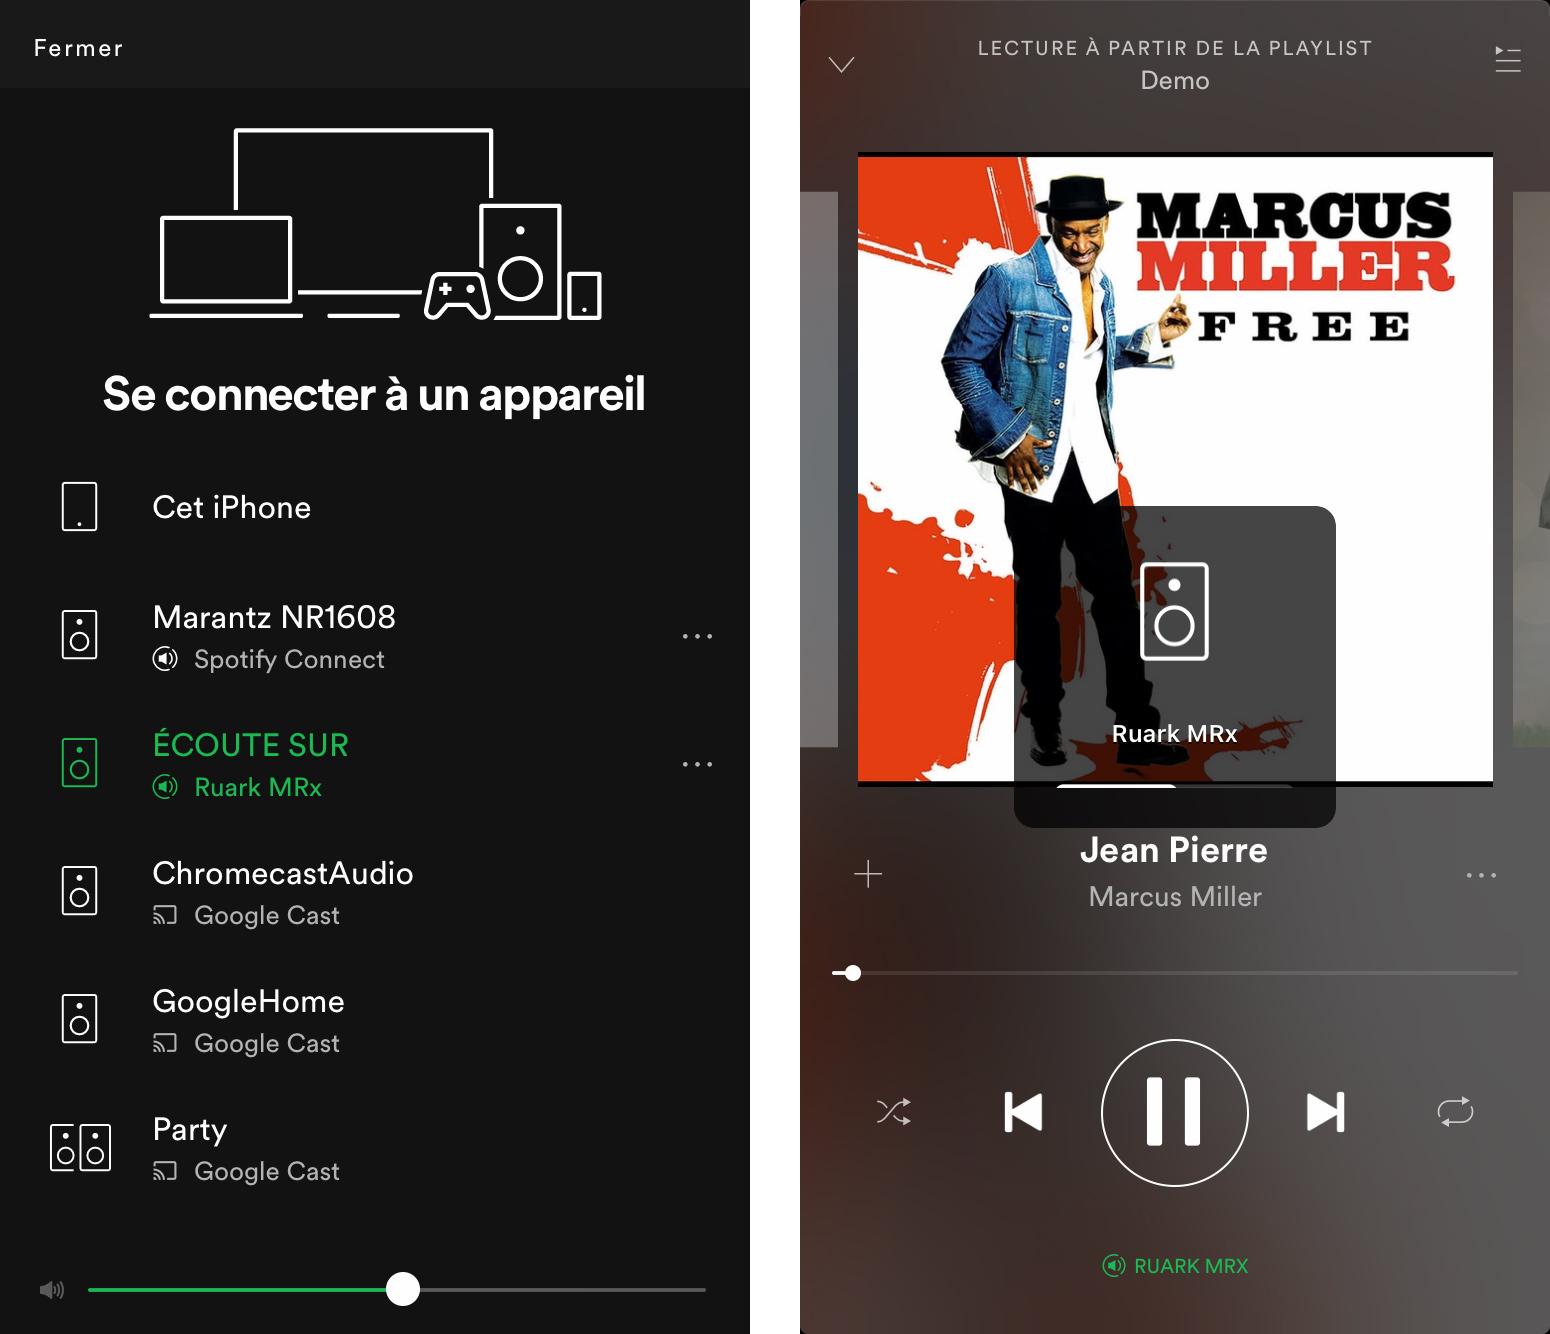 En écoute depuis Spotify, la Ruark MRx apparaît dans la liste. Sur l'écran de droite, je suis bien connecté à l'enceinte, confirmé lorsque je modifie le niveau du volume.